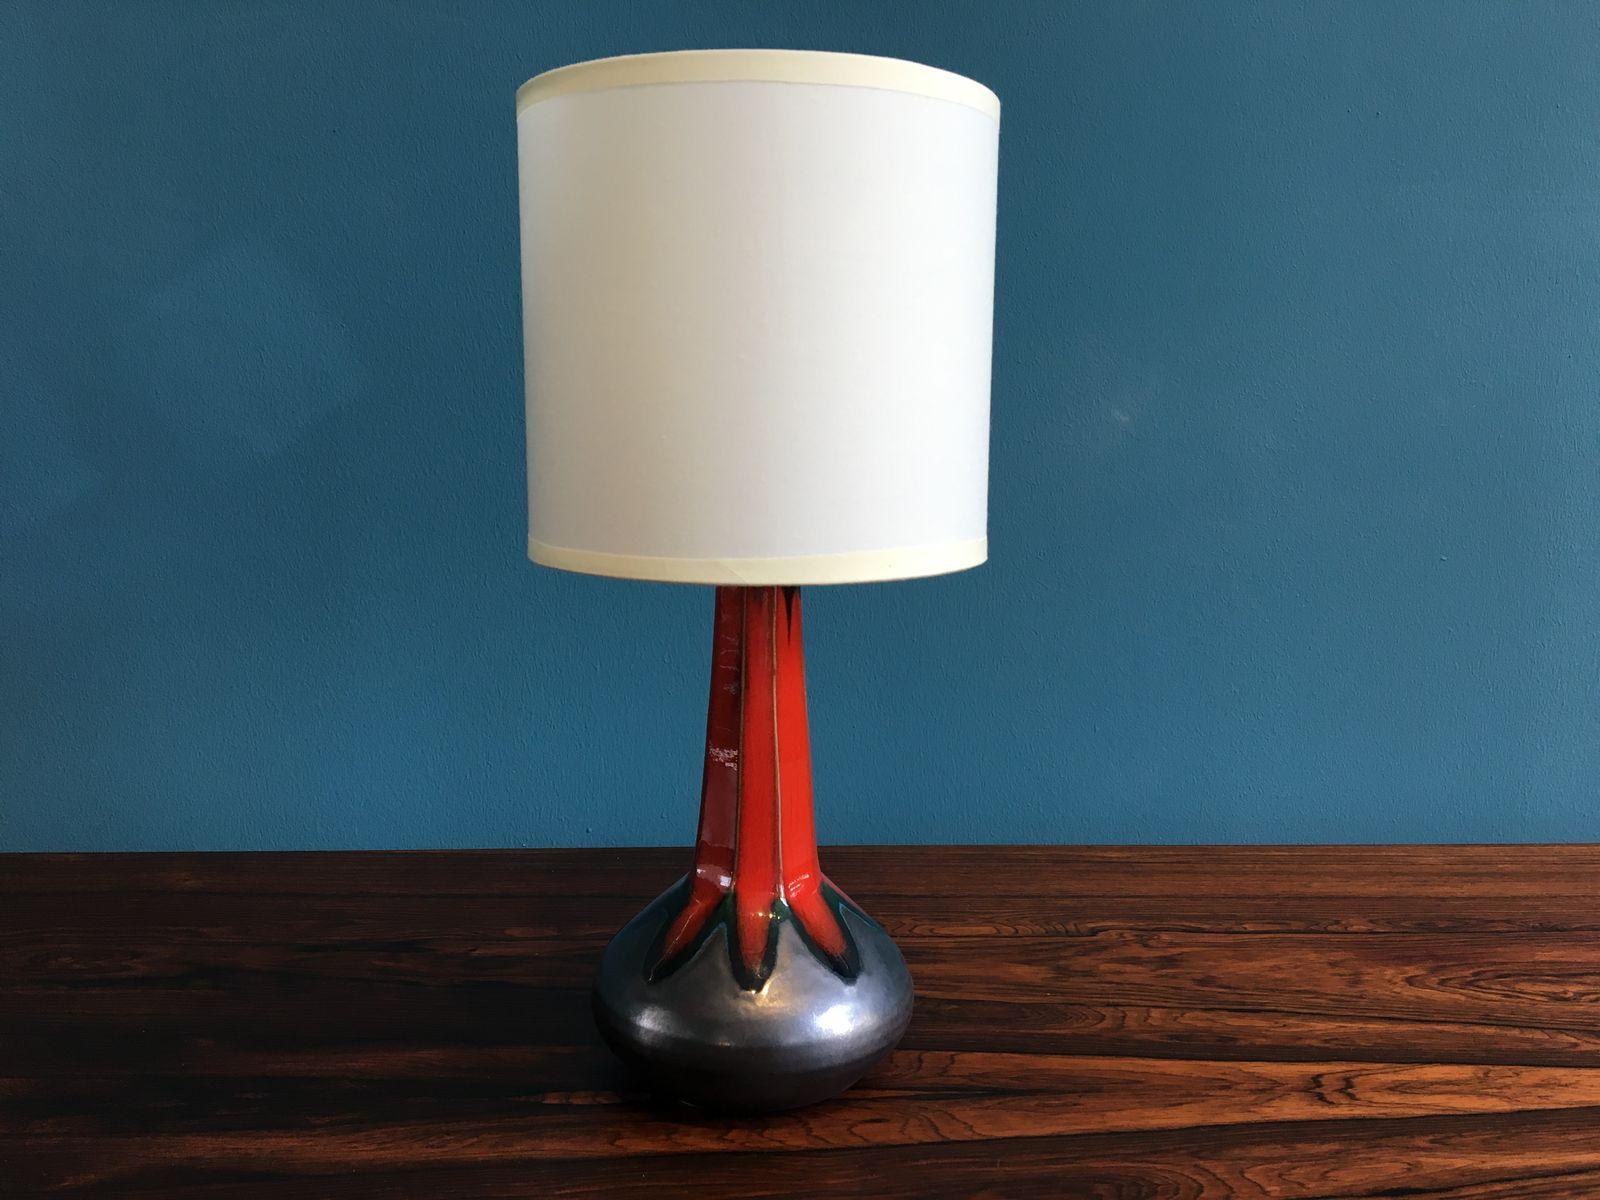 lampe de bureau vintage par ole christensen danemark 1960s en vente sur pamono. Black Bedroom Furniture Sets. Home Design Ideas